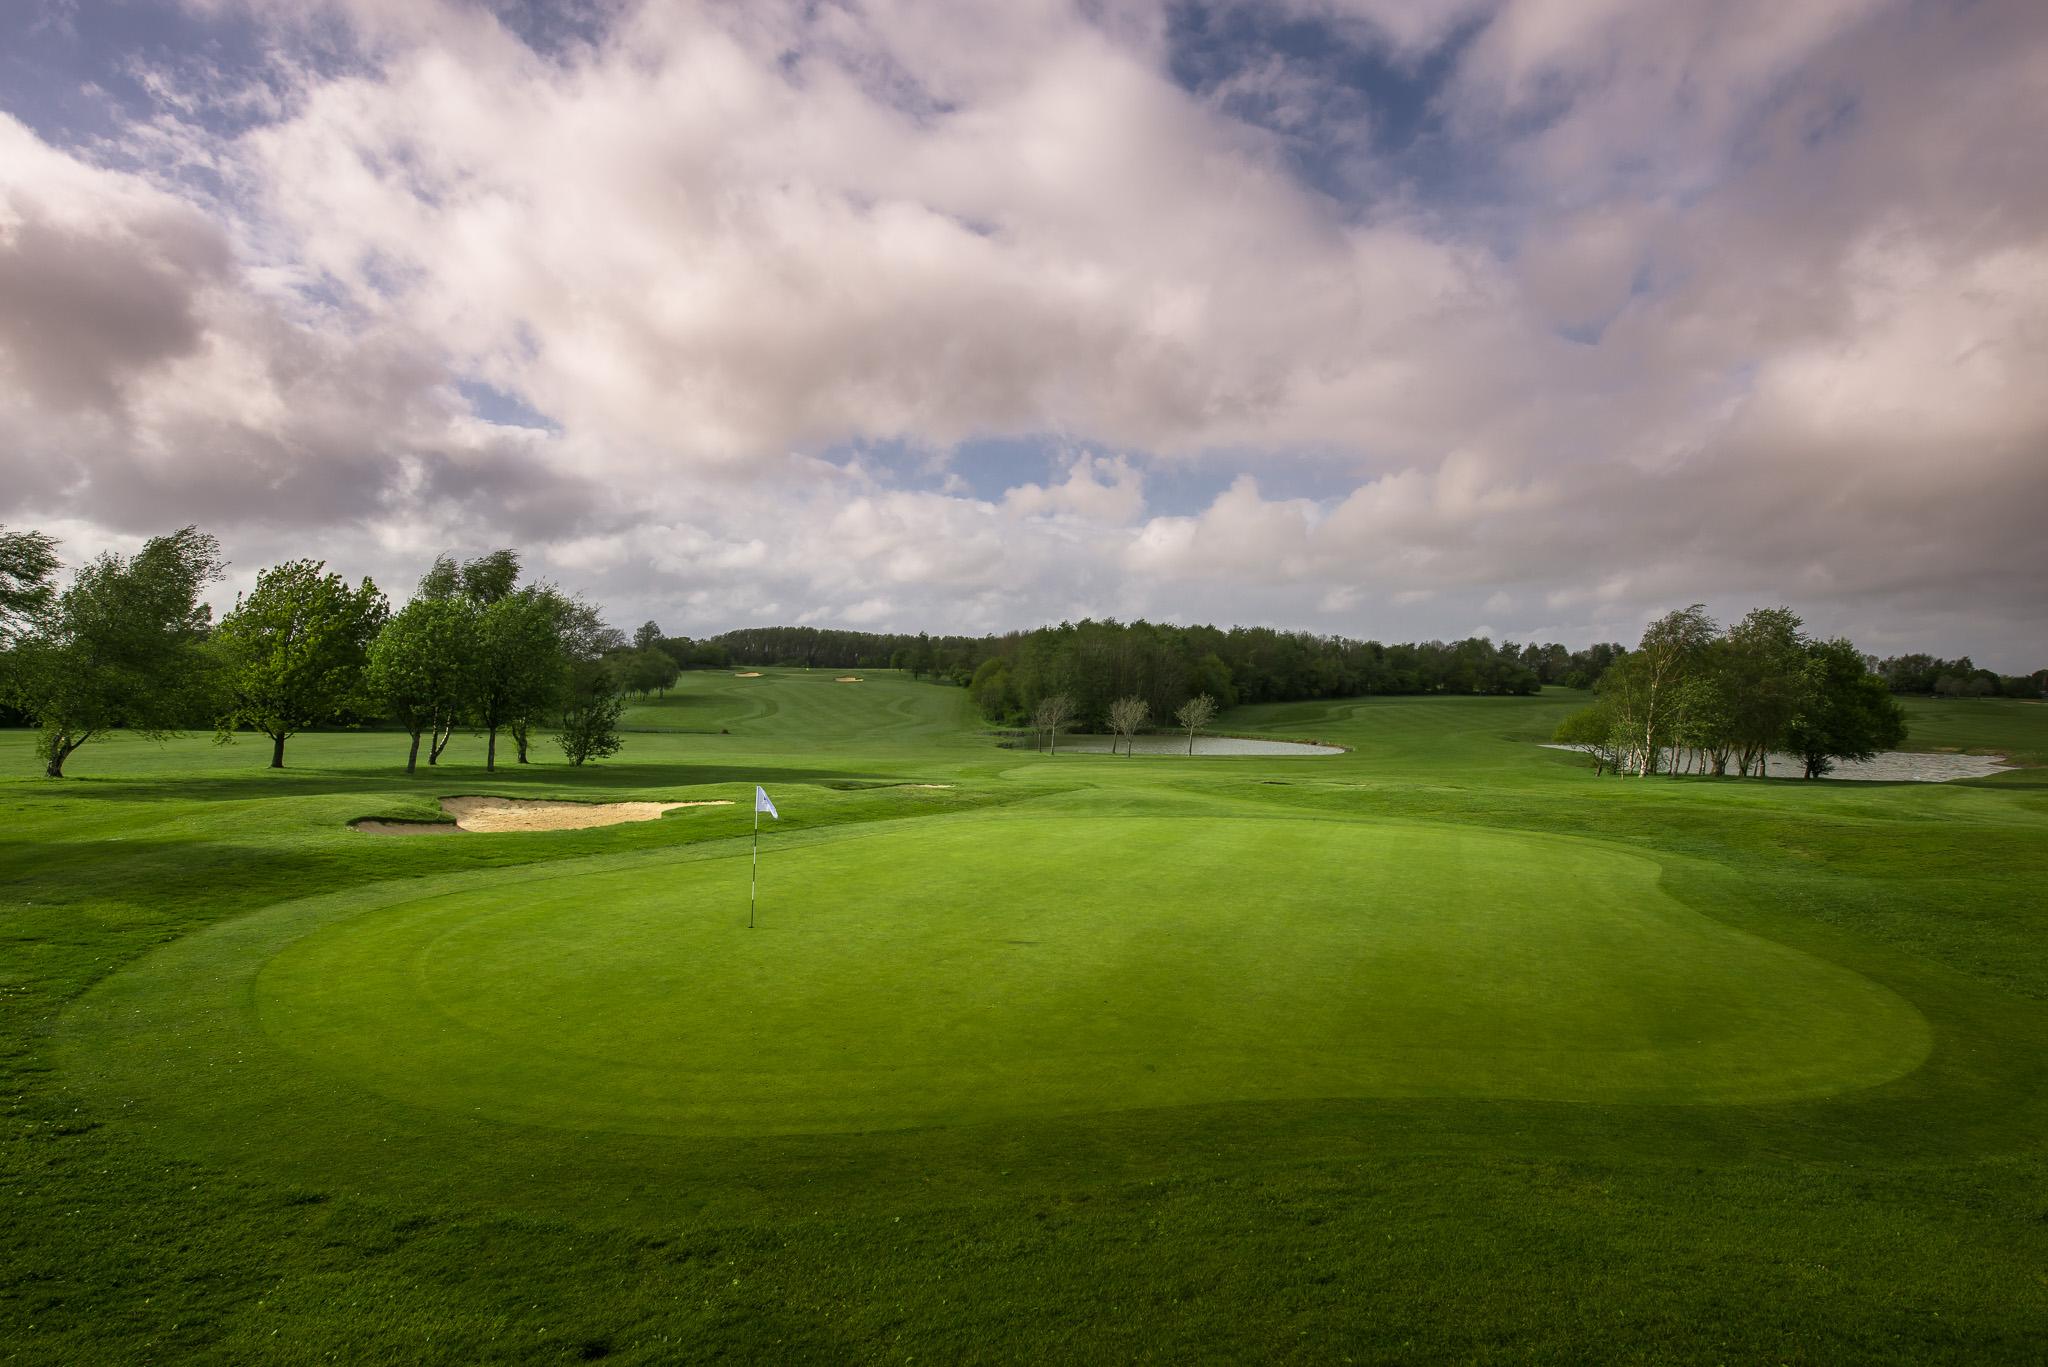 BGL_Thornbury_GolfCourse_AndyHiseman_72dpi_EmailWeb-7.jpg